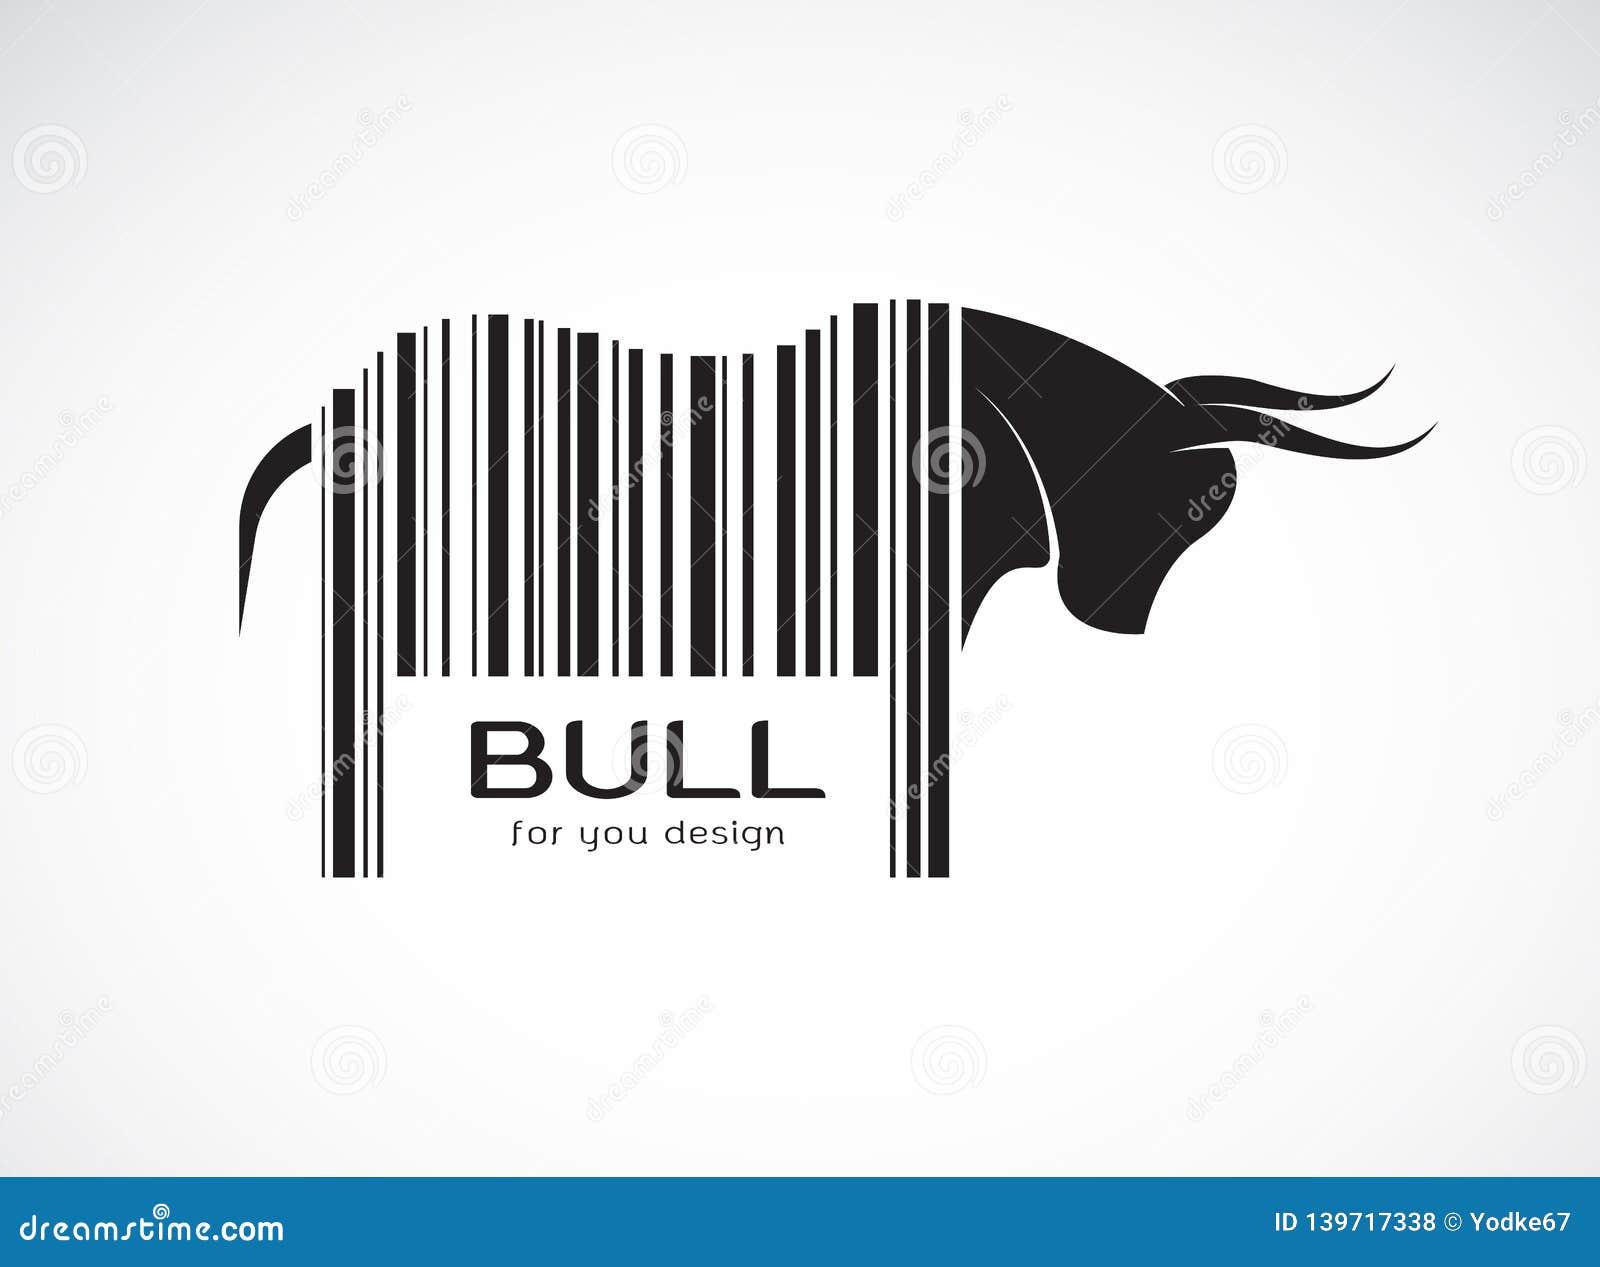 Το διάνυσμα του ταύρου στο σώμα είναι ένας γραμμωτός κώδικας άγρια περιοχές ζώων Σχέδιο του Bull Εύκολη editable βαλμένη σε στρώσ